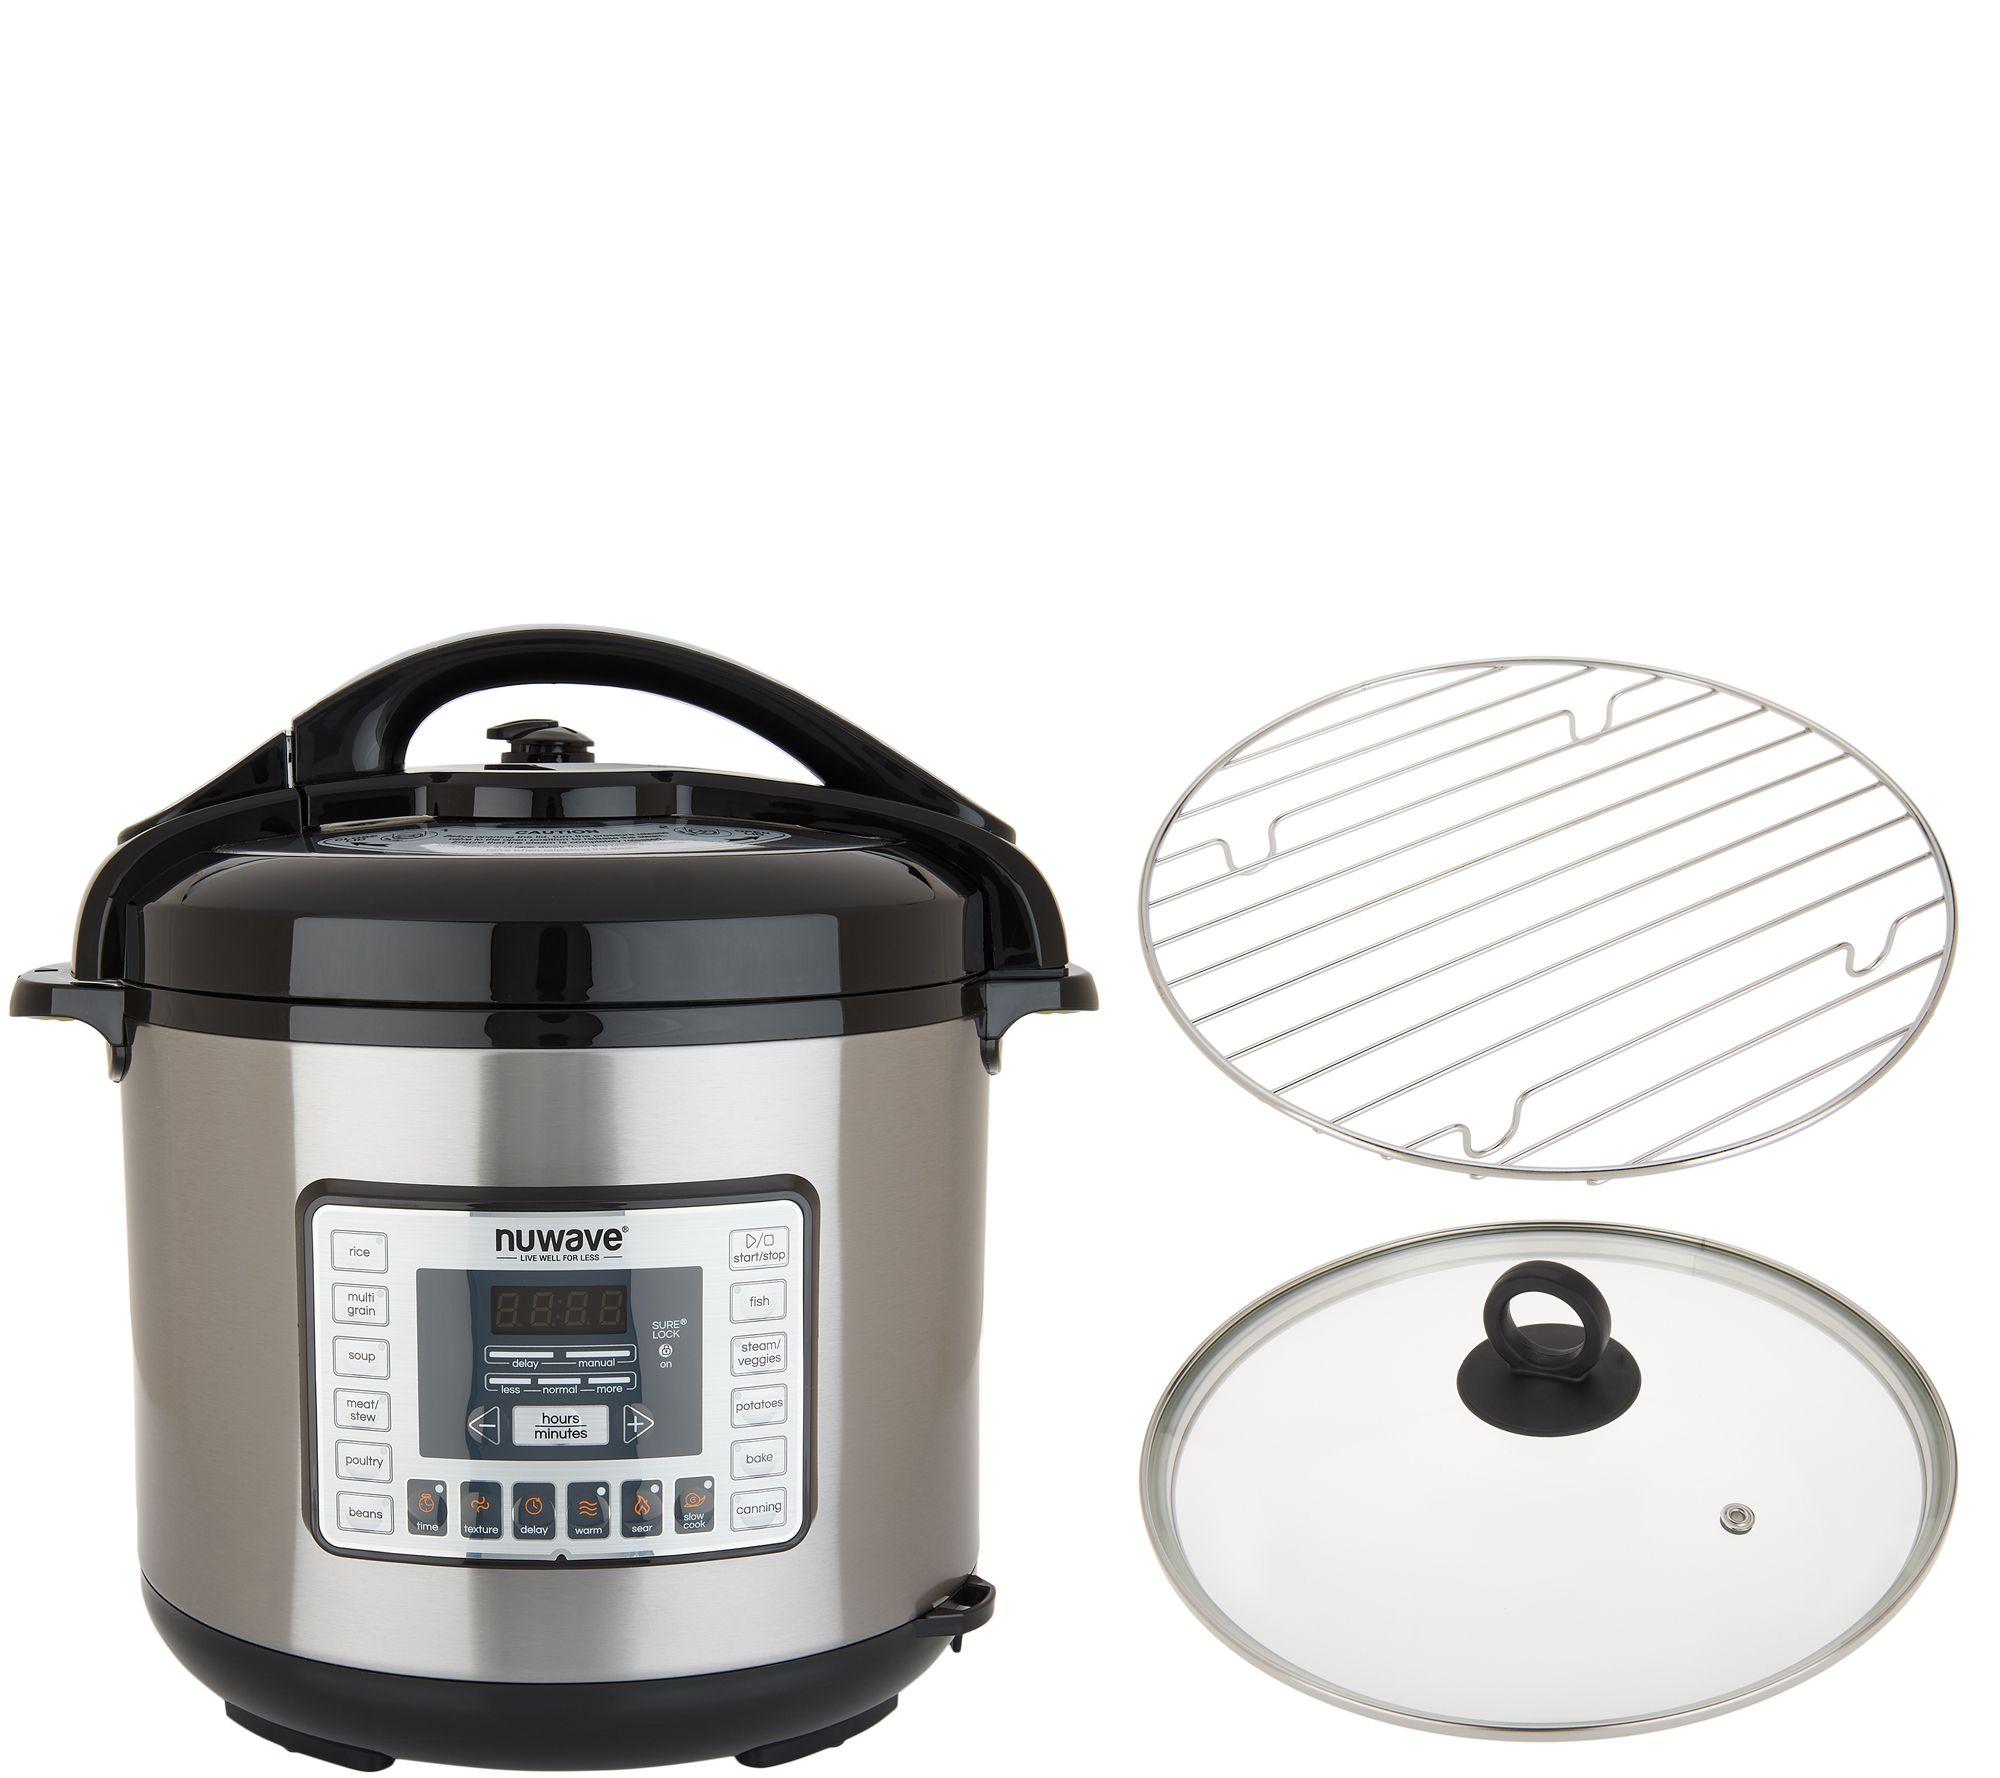 9196e9520a11 NuWave 8-qt Nutri-Pot Pressure Cooker with Pot, Glass Lid, & Rack - Page 1  — QVC.com